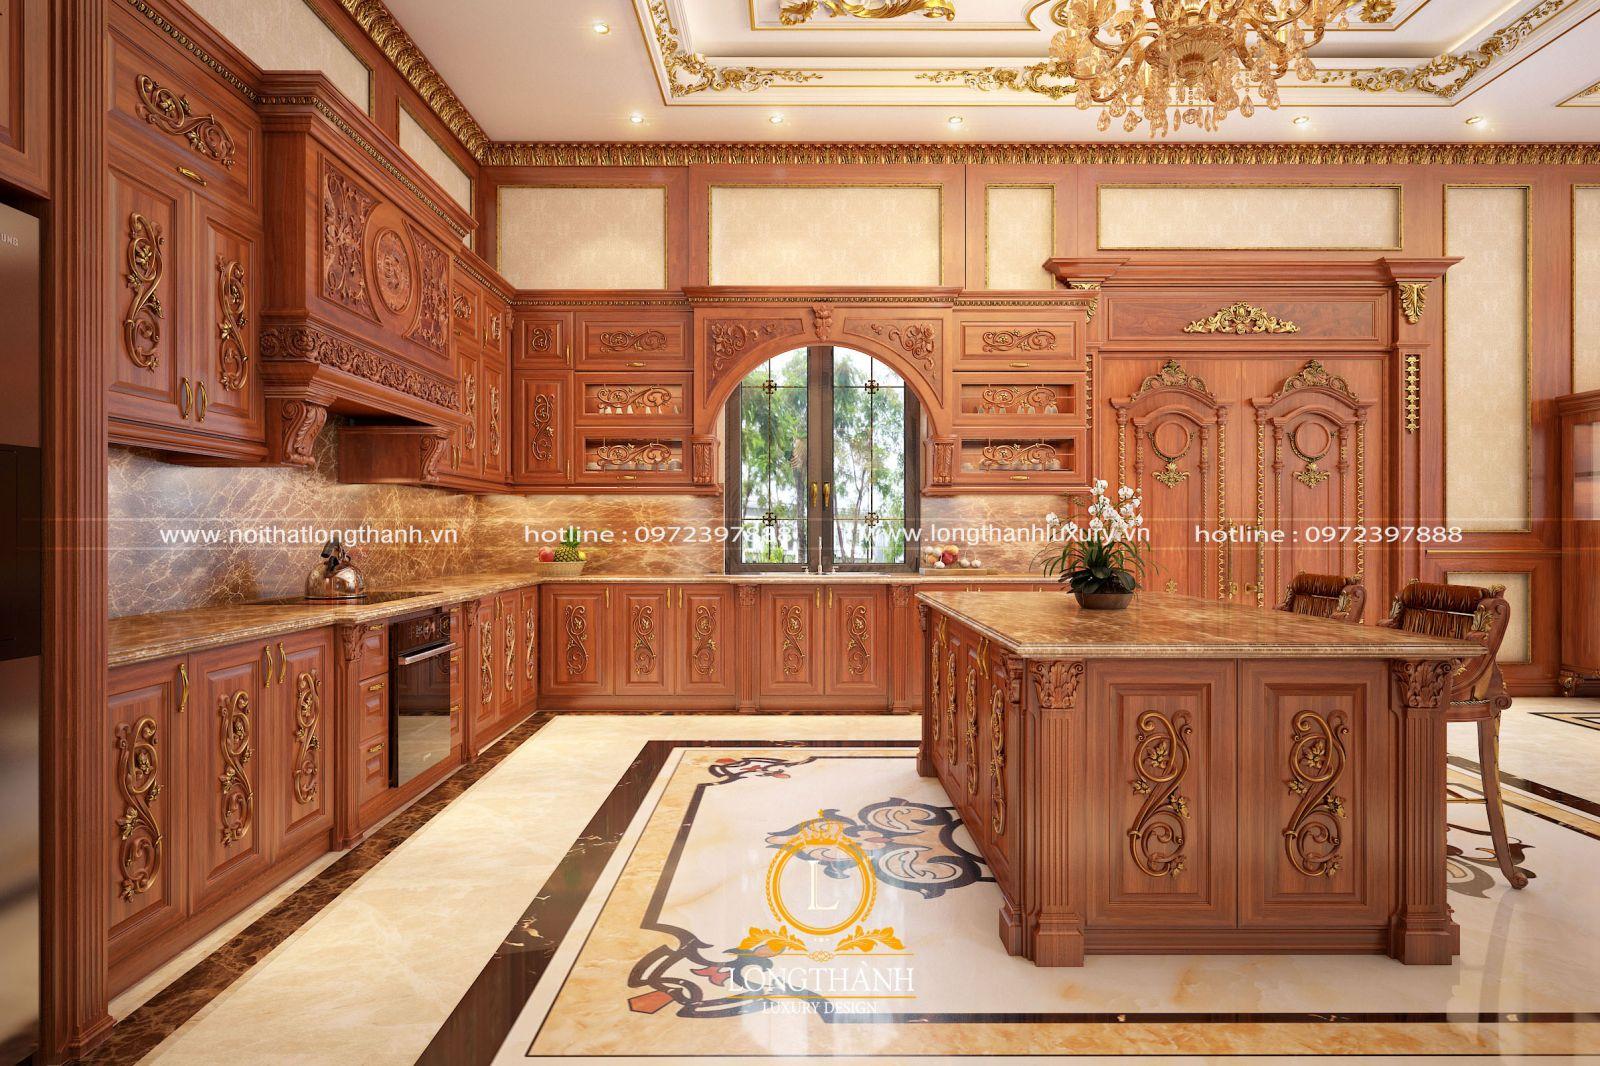 Tủ bếp gỗ tự nhiên – Xu hướng nội thất cho cuộc sống hiện đại